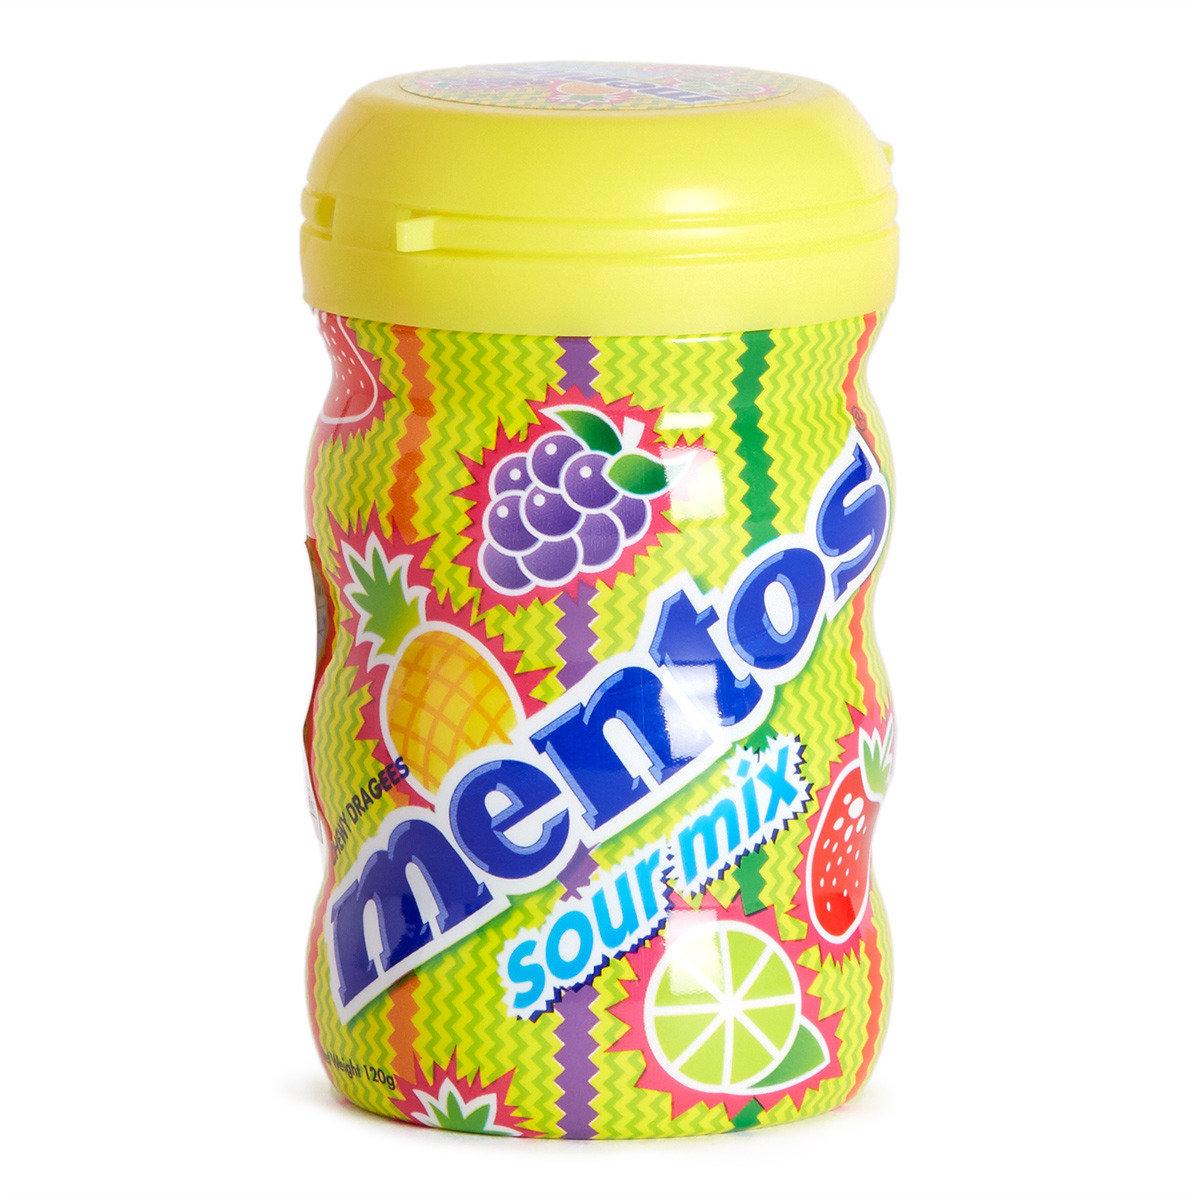 激酸雜果味糖樽裝